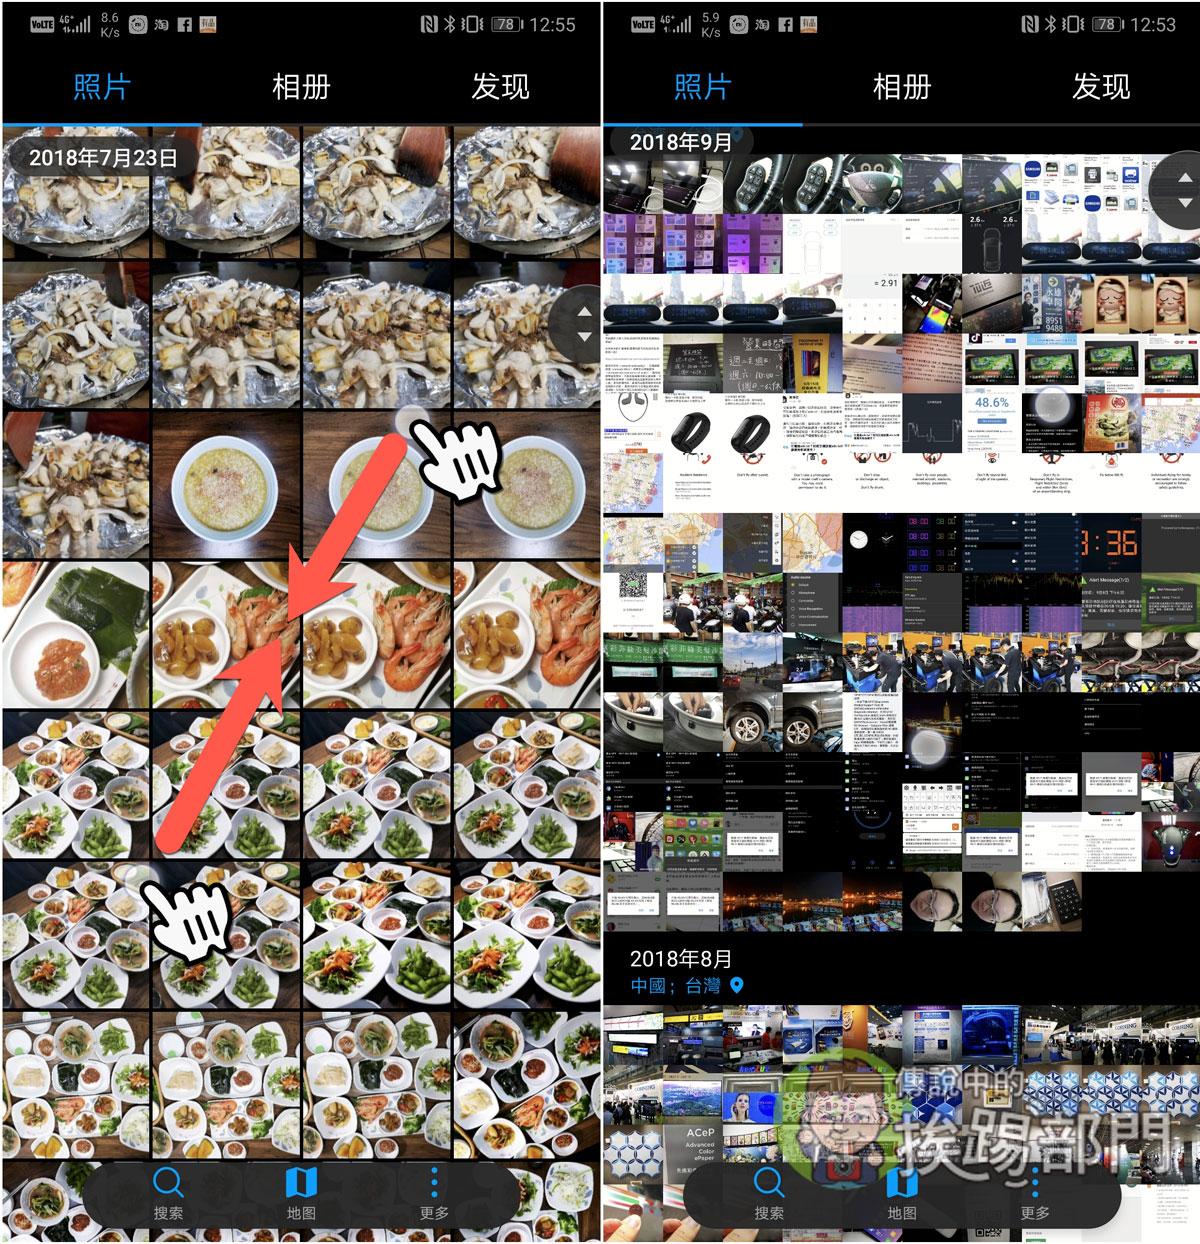 HUAWEI華為智慧型手機檢視更多照片小技巧